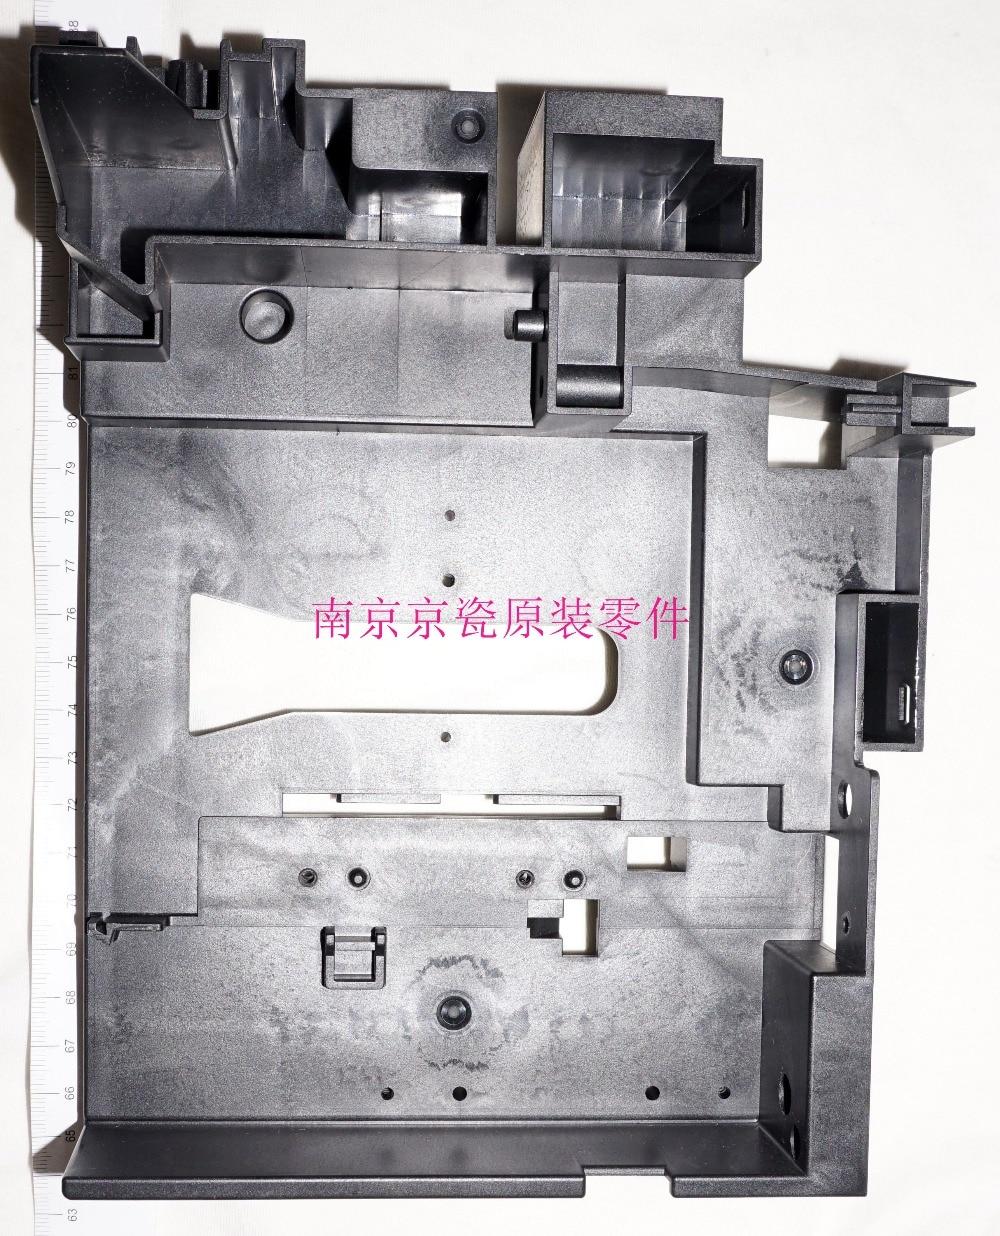 купить New Original Kyocera 302K002141 FRAME FRONT UPPER for:FS-C8020 C8025 C8520 C8525 TA2550ci 2551ci недорого